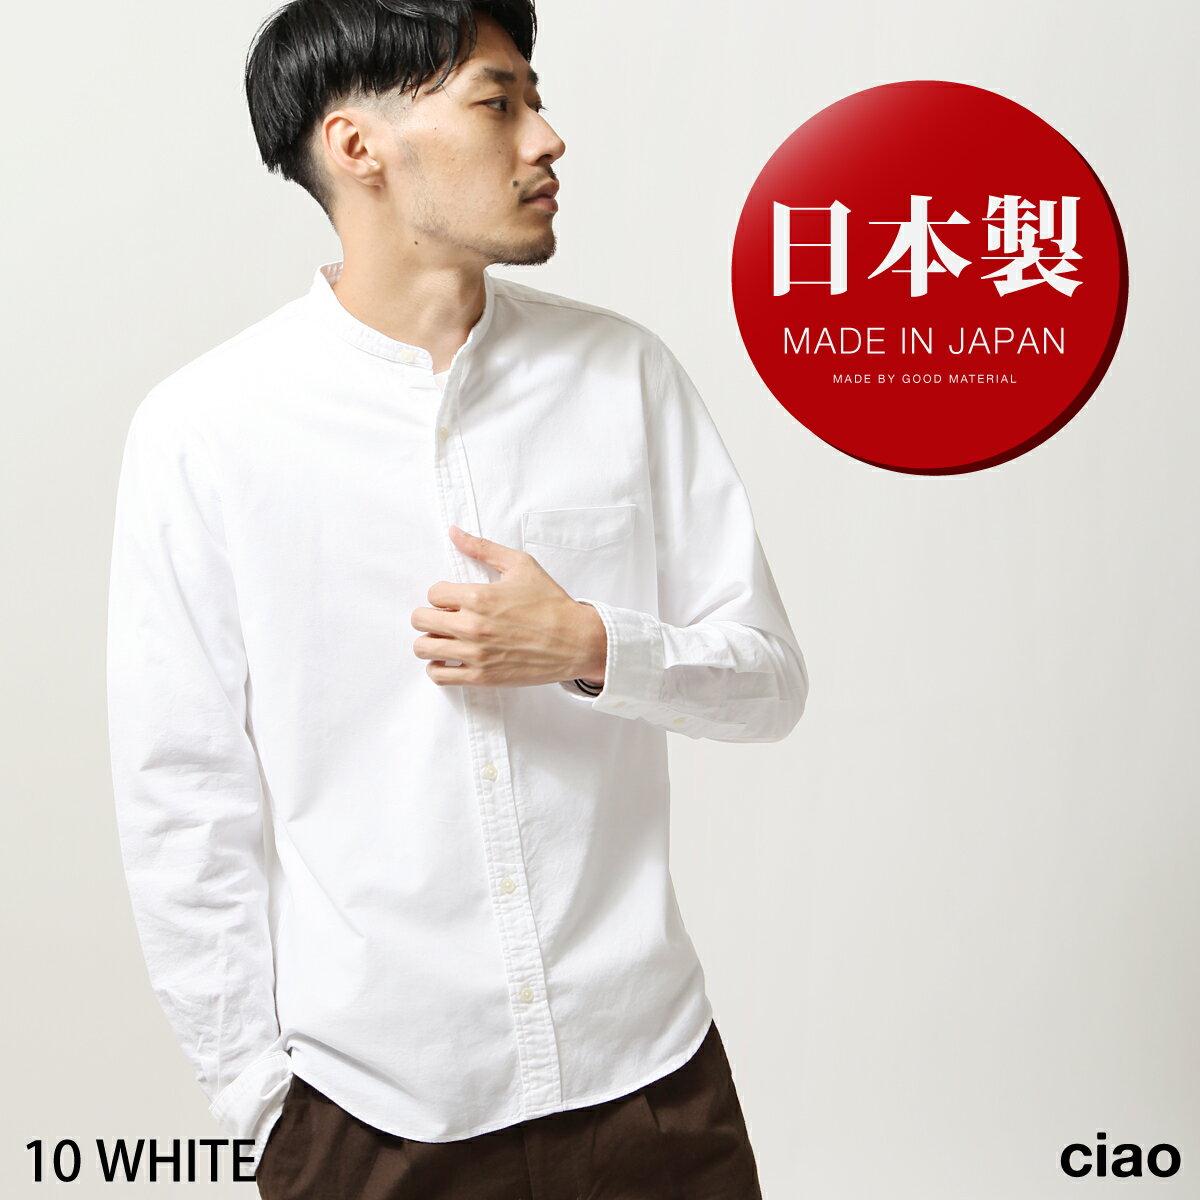 牛津襯衫 日本製 ciao 0